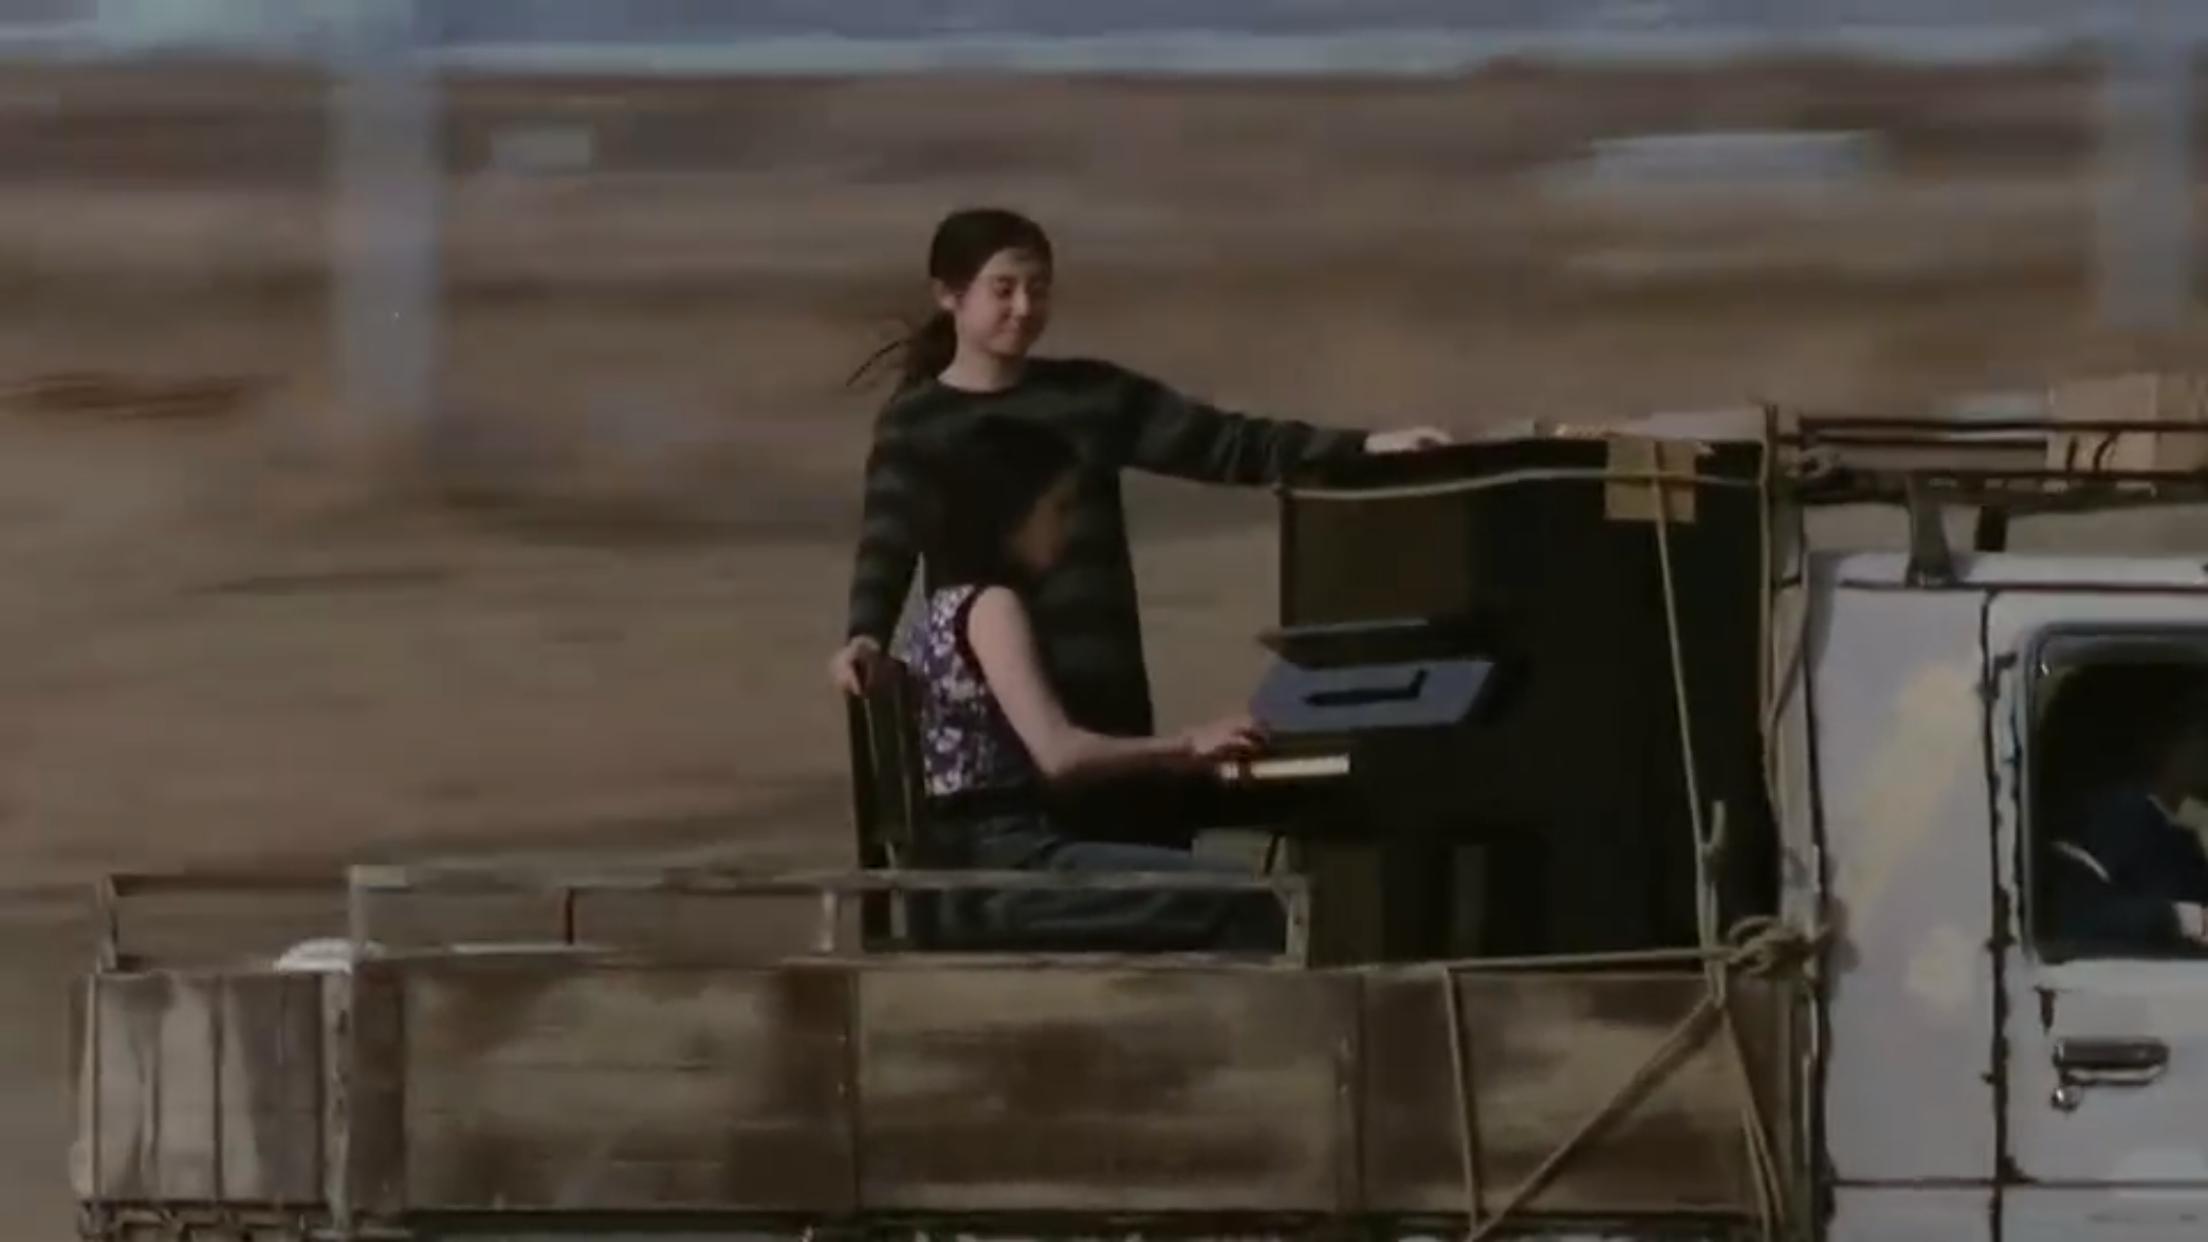 电影《燕尾蝶》中女主的改变纠结是人性深处的显露还是生活带来的压制 (1)